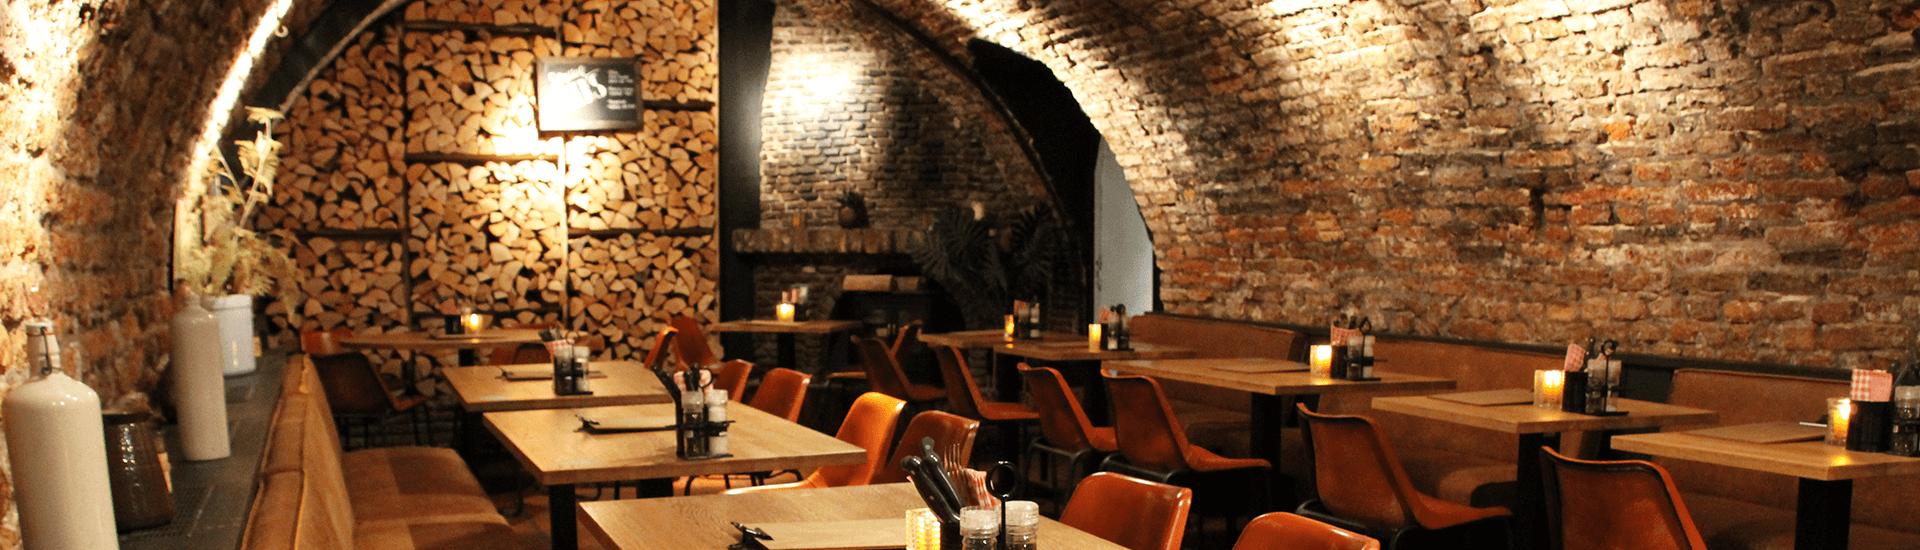 Der Bierkeller Utrecht werfkelder